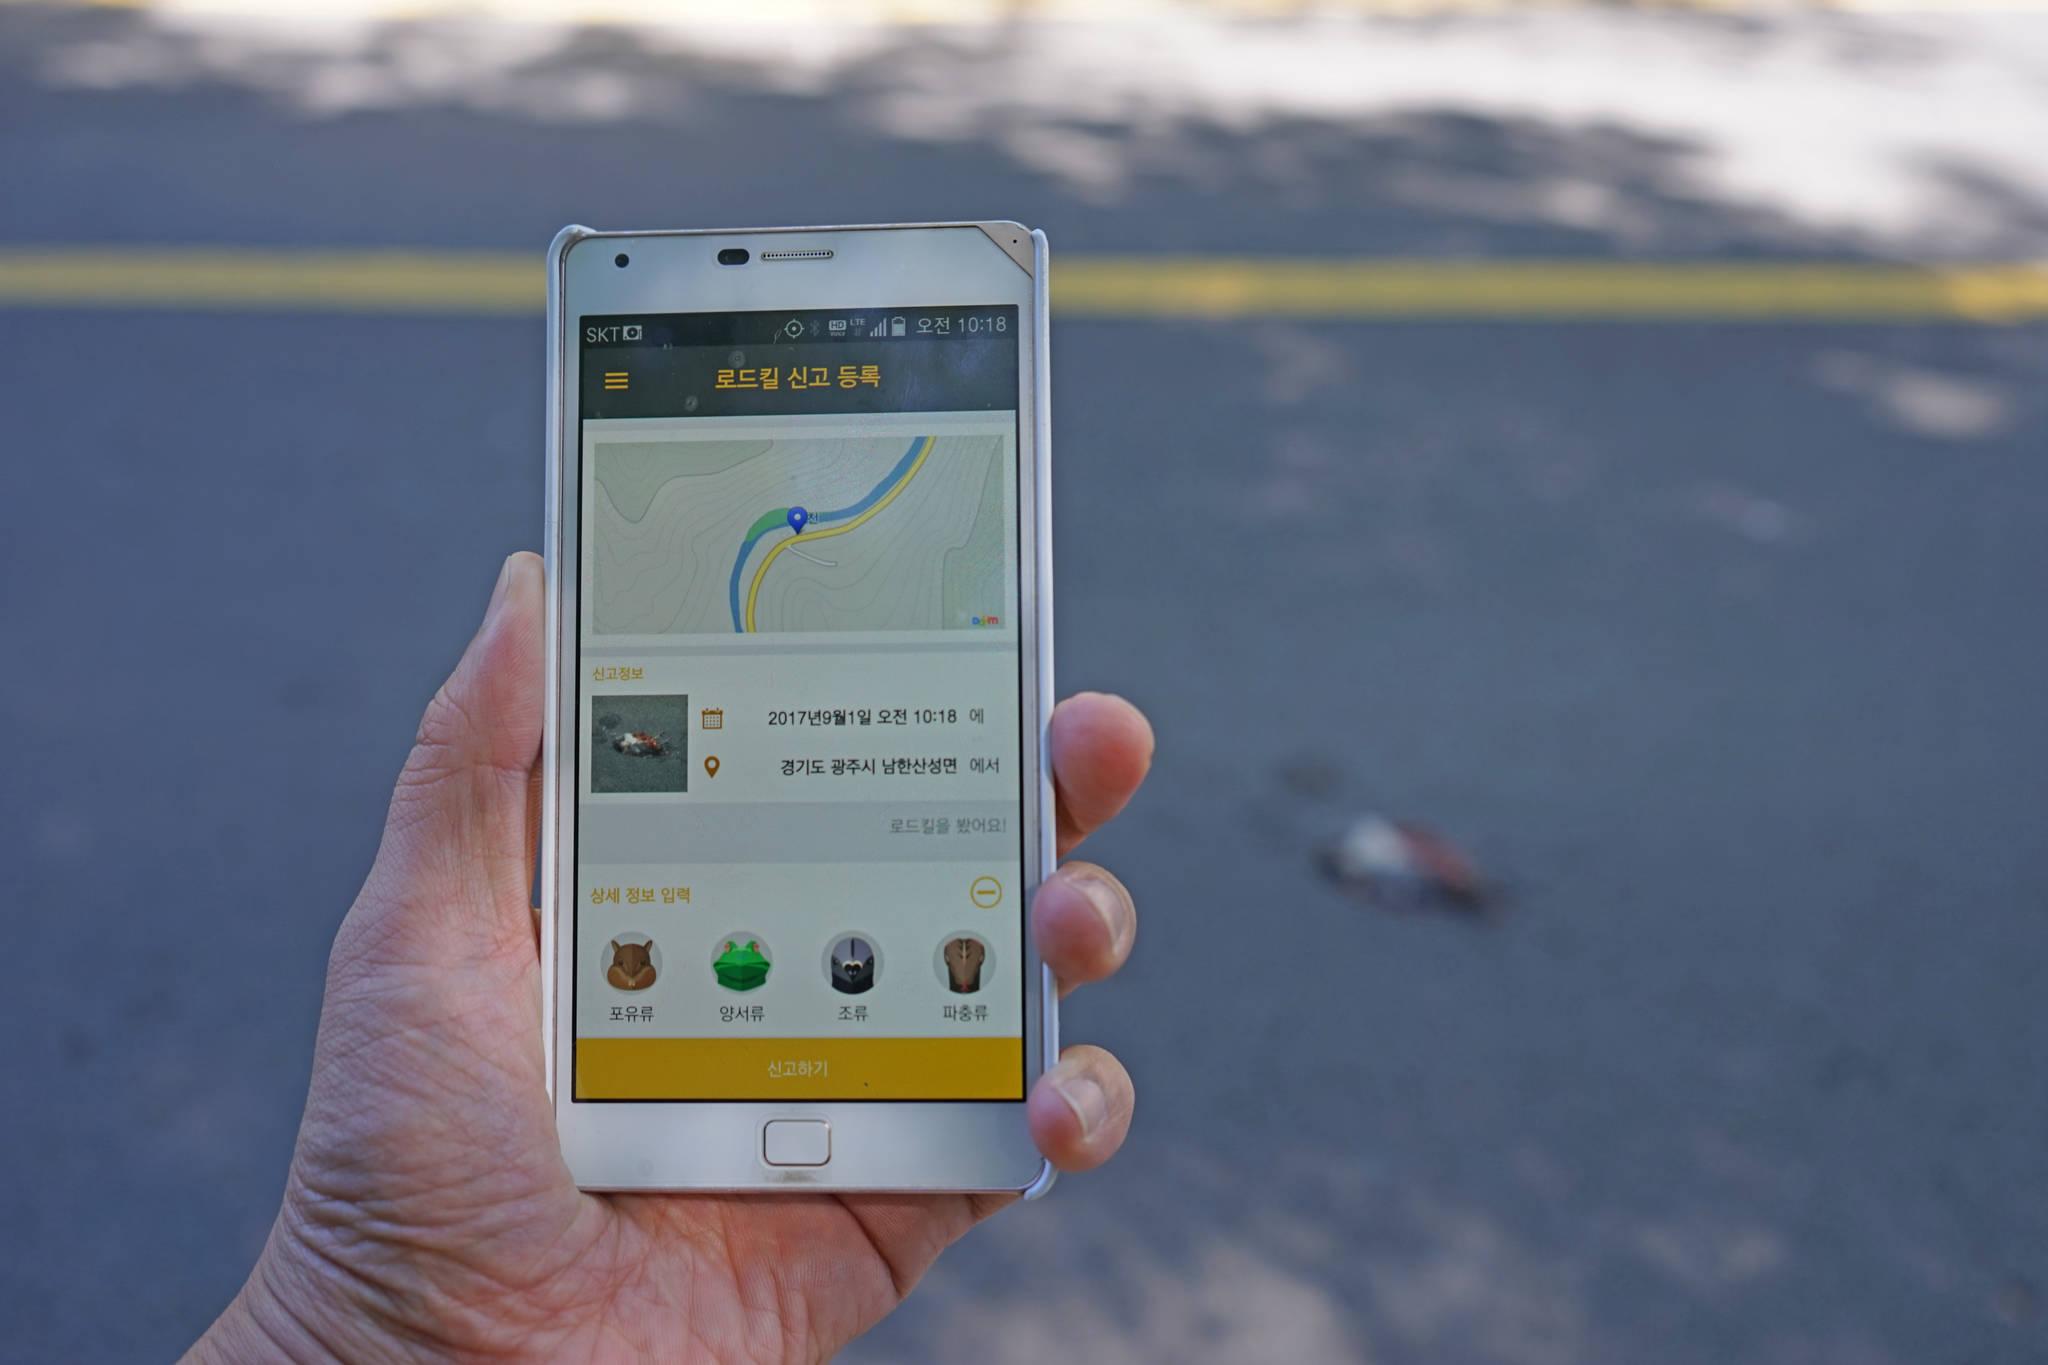 녹색연합 활동가가 경기도 광주시 남한산성면 도로에서 로드킬 방사체를 발견하고 '굿로드' 앱을 실행하고 있다. [사진 녹색연합]